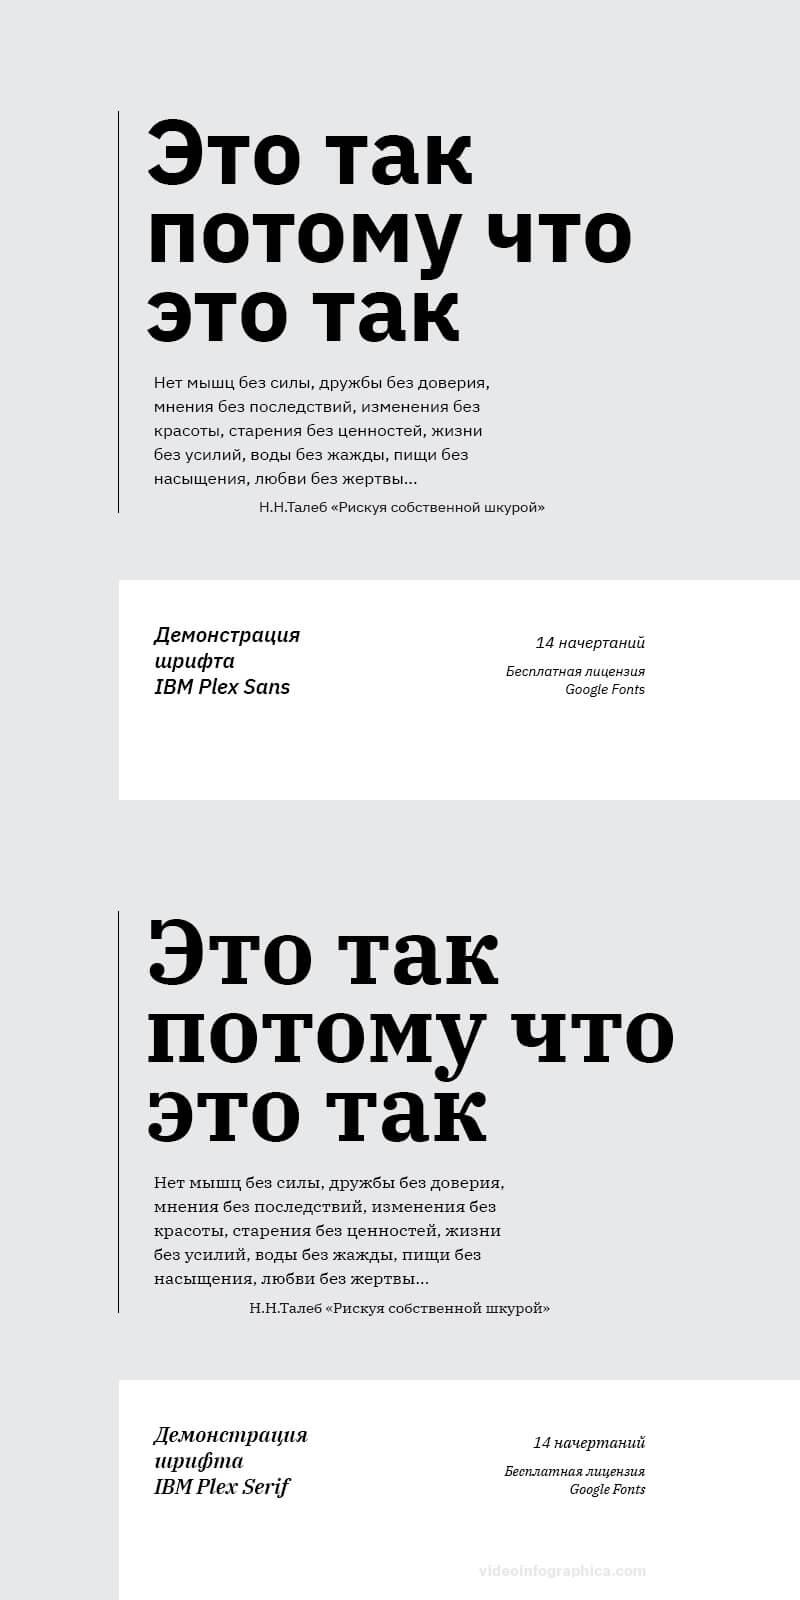 Шрифты IBM Plex Sans и IBM Plex Serif